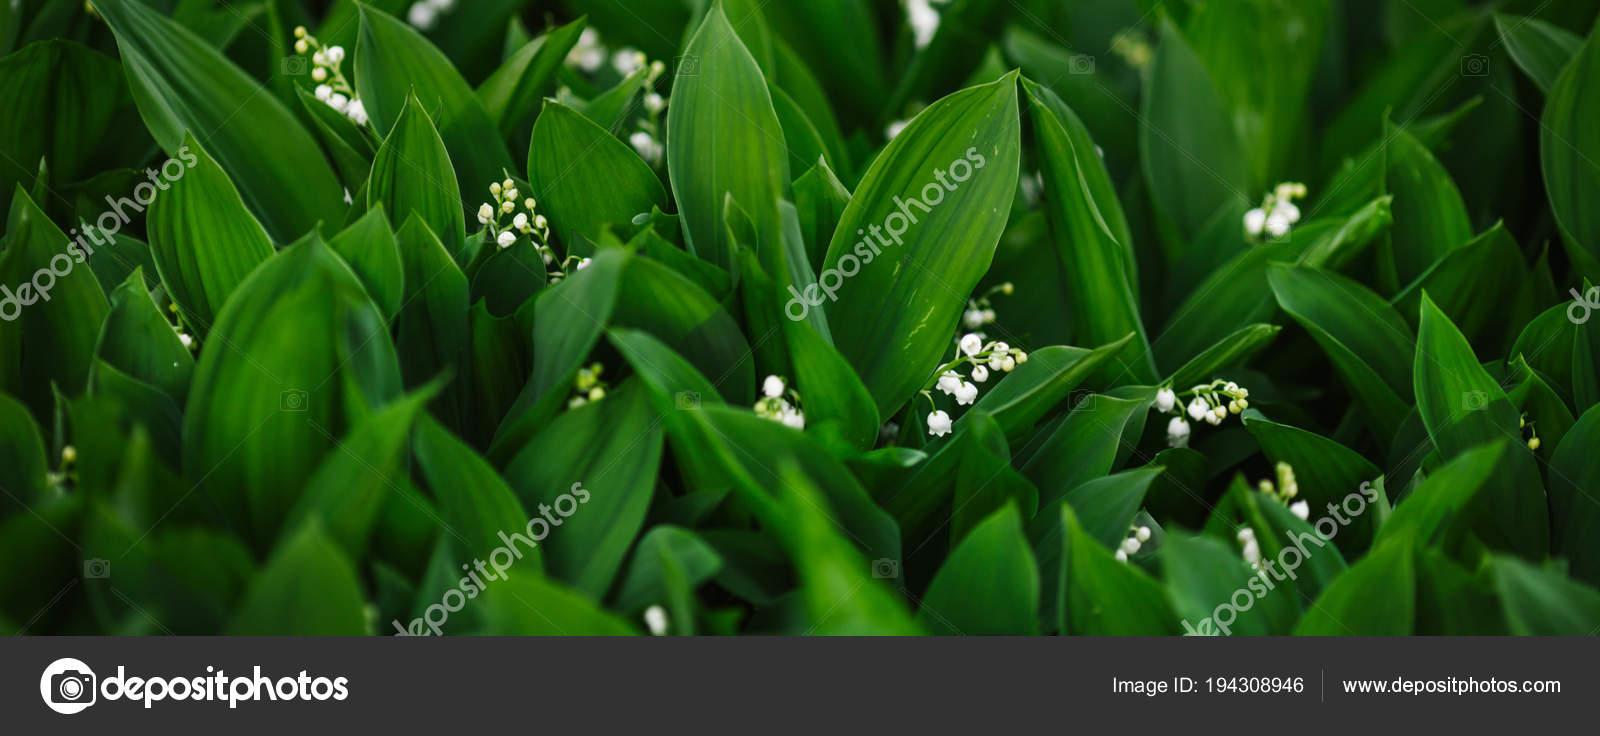 Plante Famille Des Liliacees Avec Larges Feuilles Fleurs Blanches